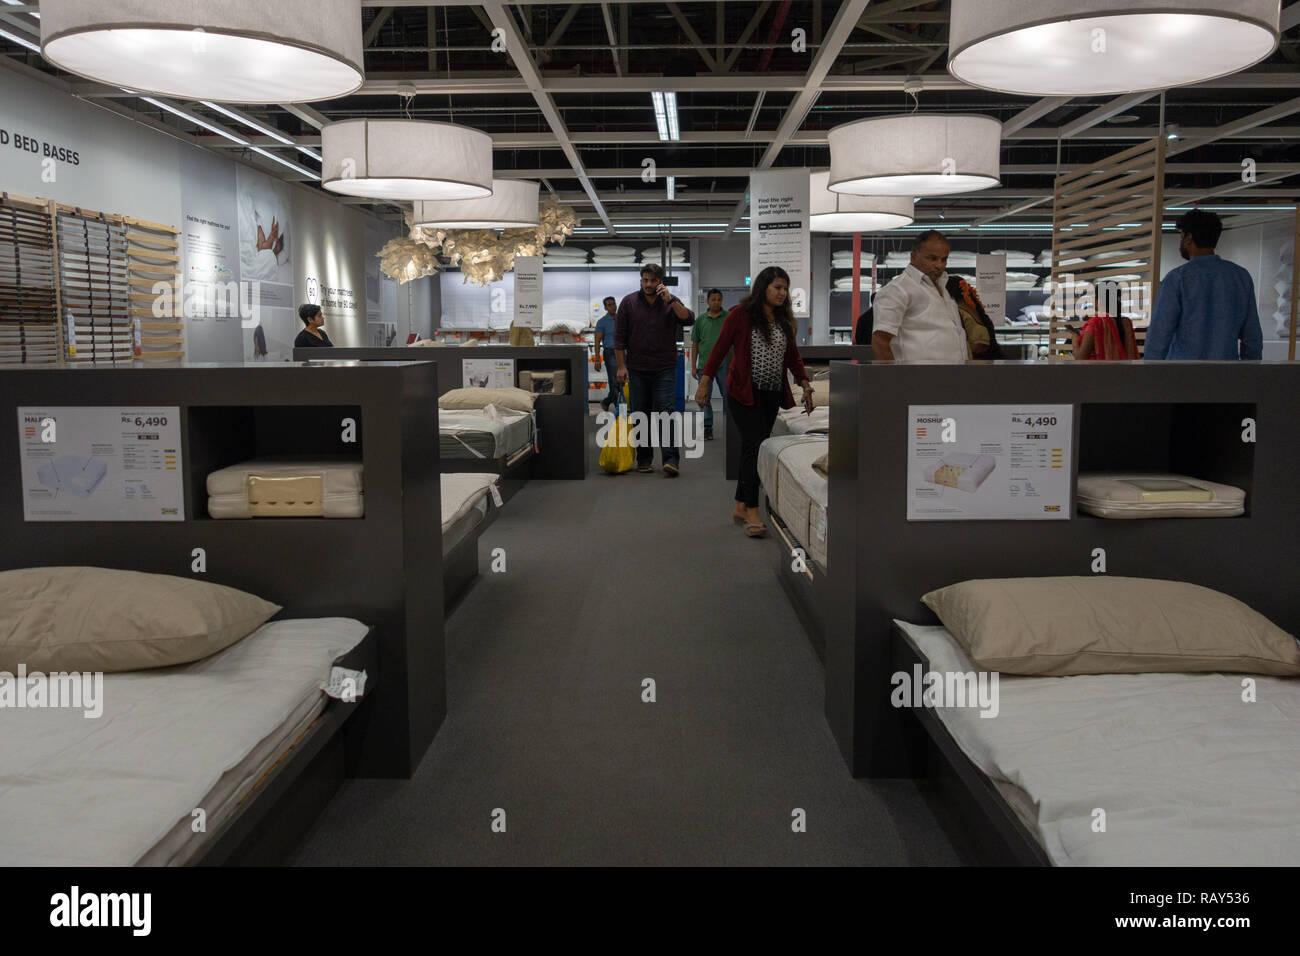 Ikea høje tåstrup adresse